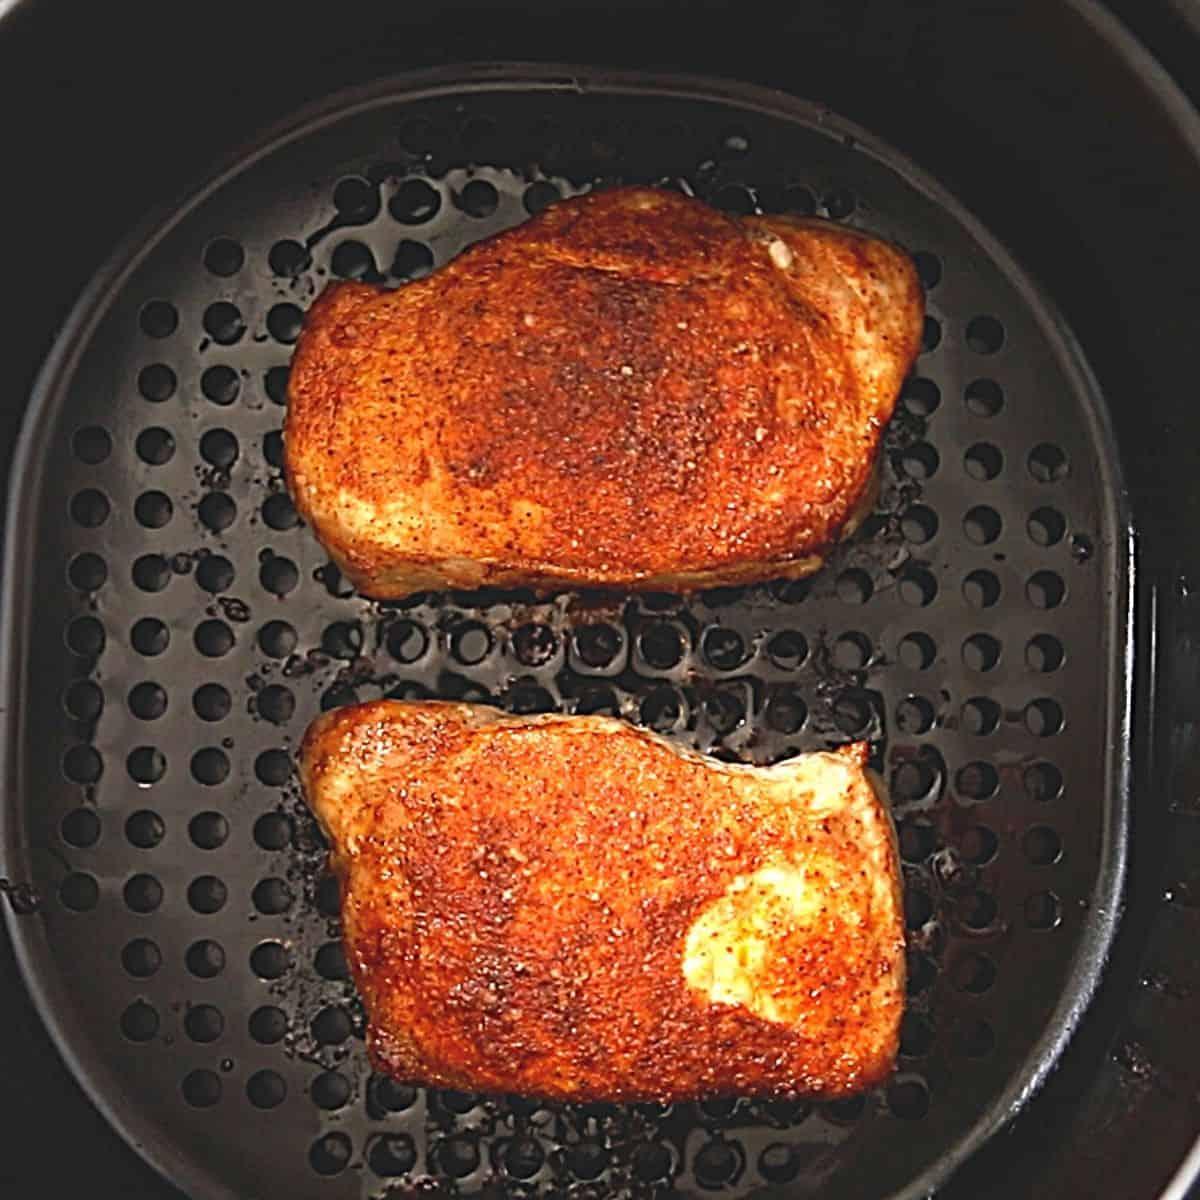 AIr fried pork chops in air fryer basket.